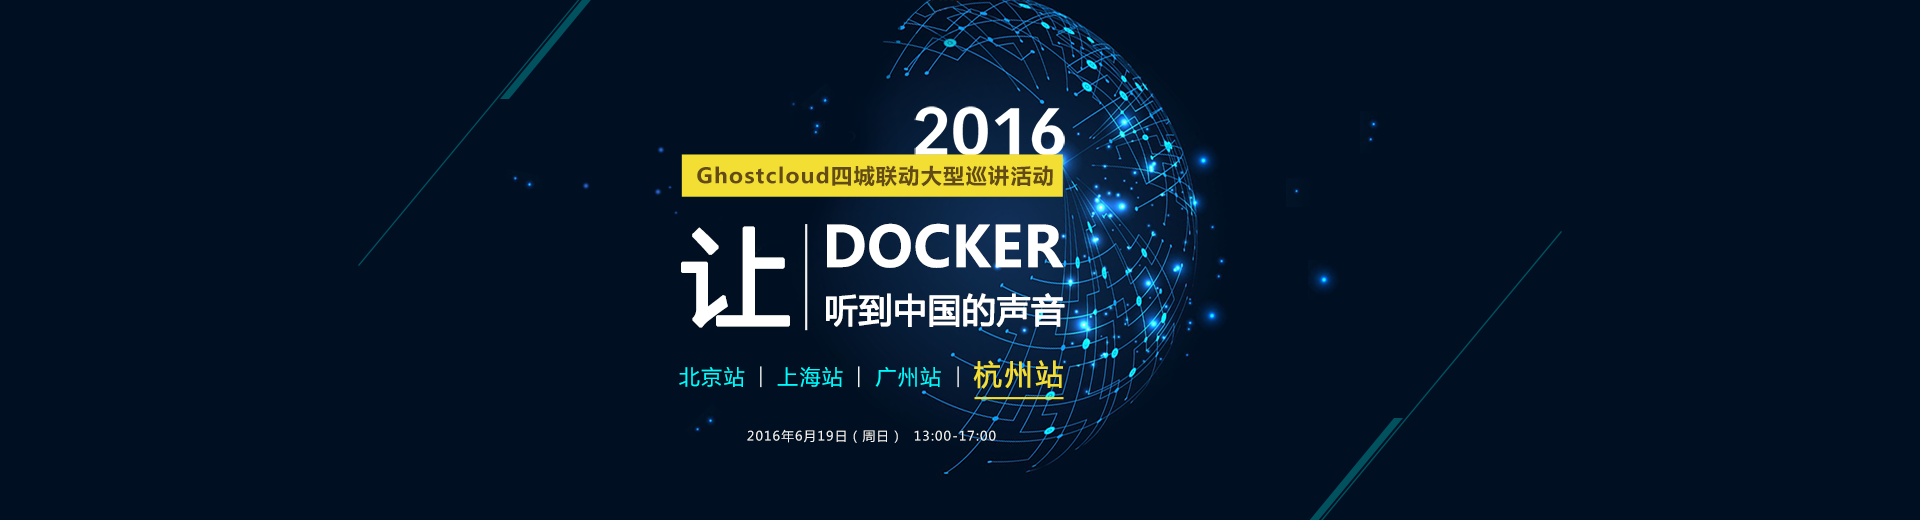 让Docker听到中国的声音-(杭州站)